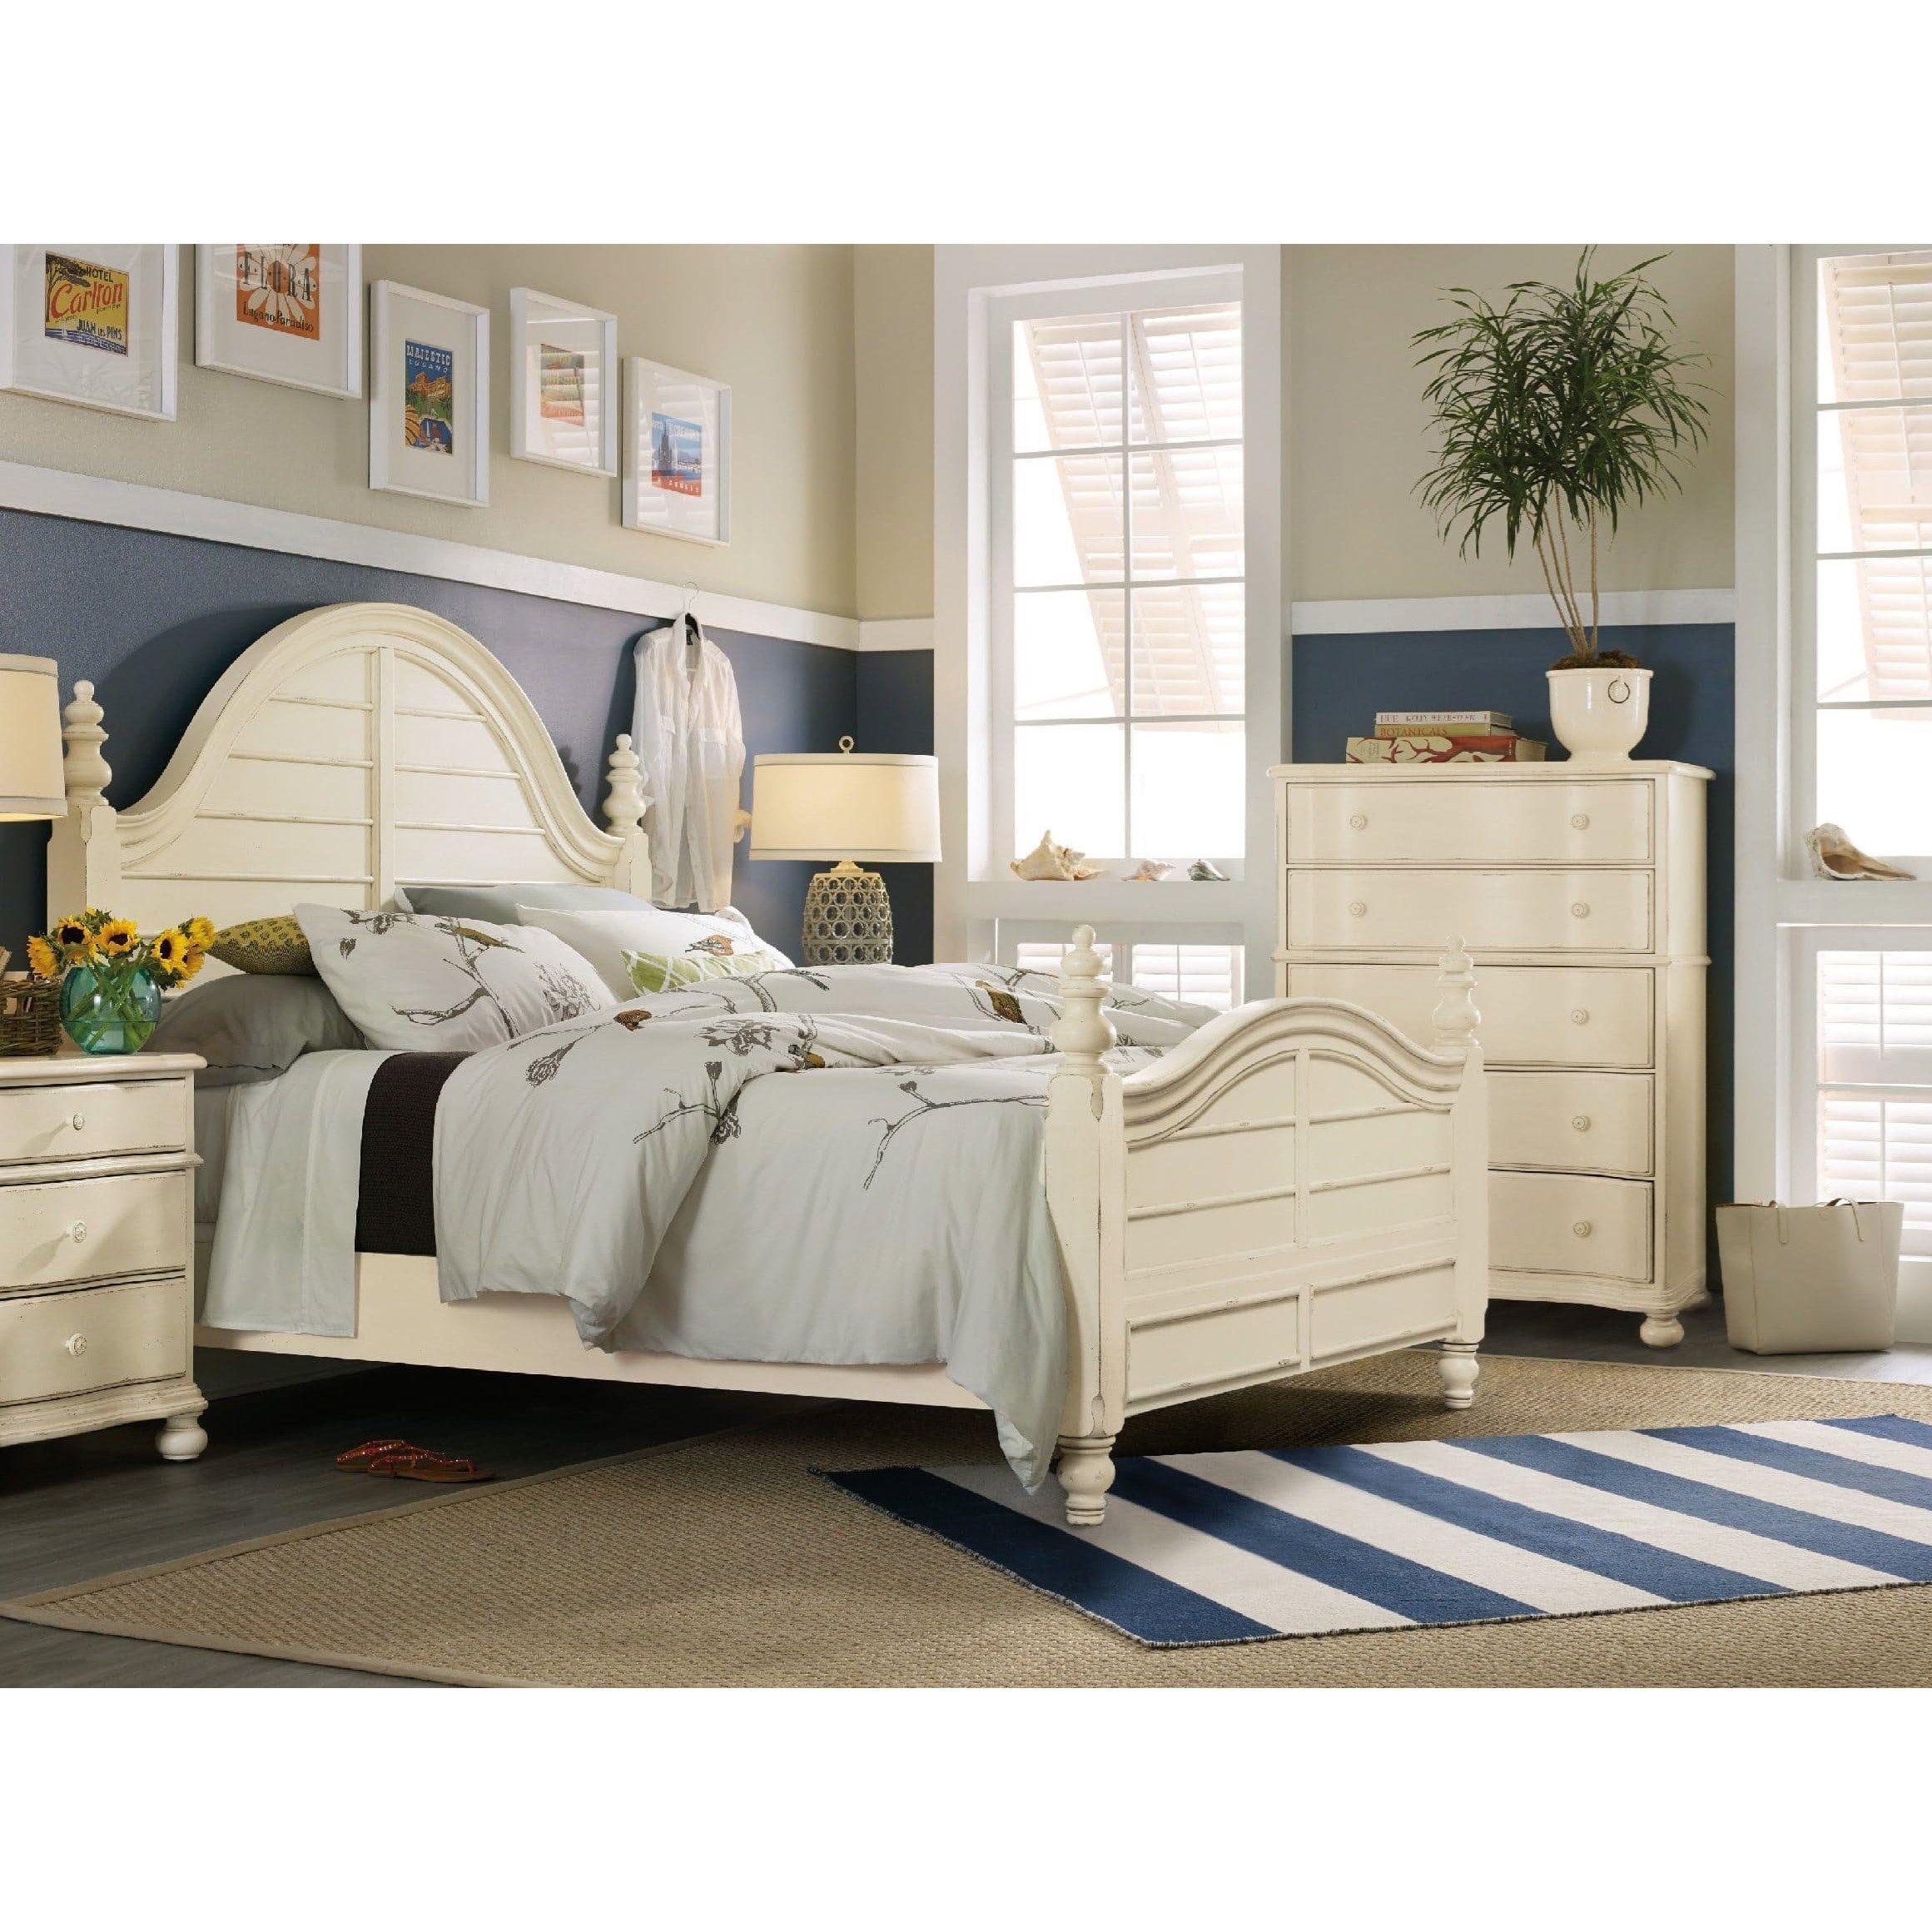 25++ Baers bedroom furniture ideas